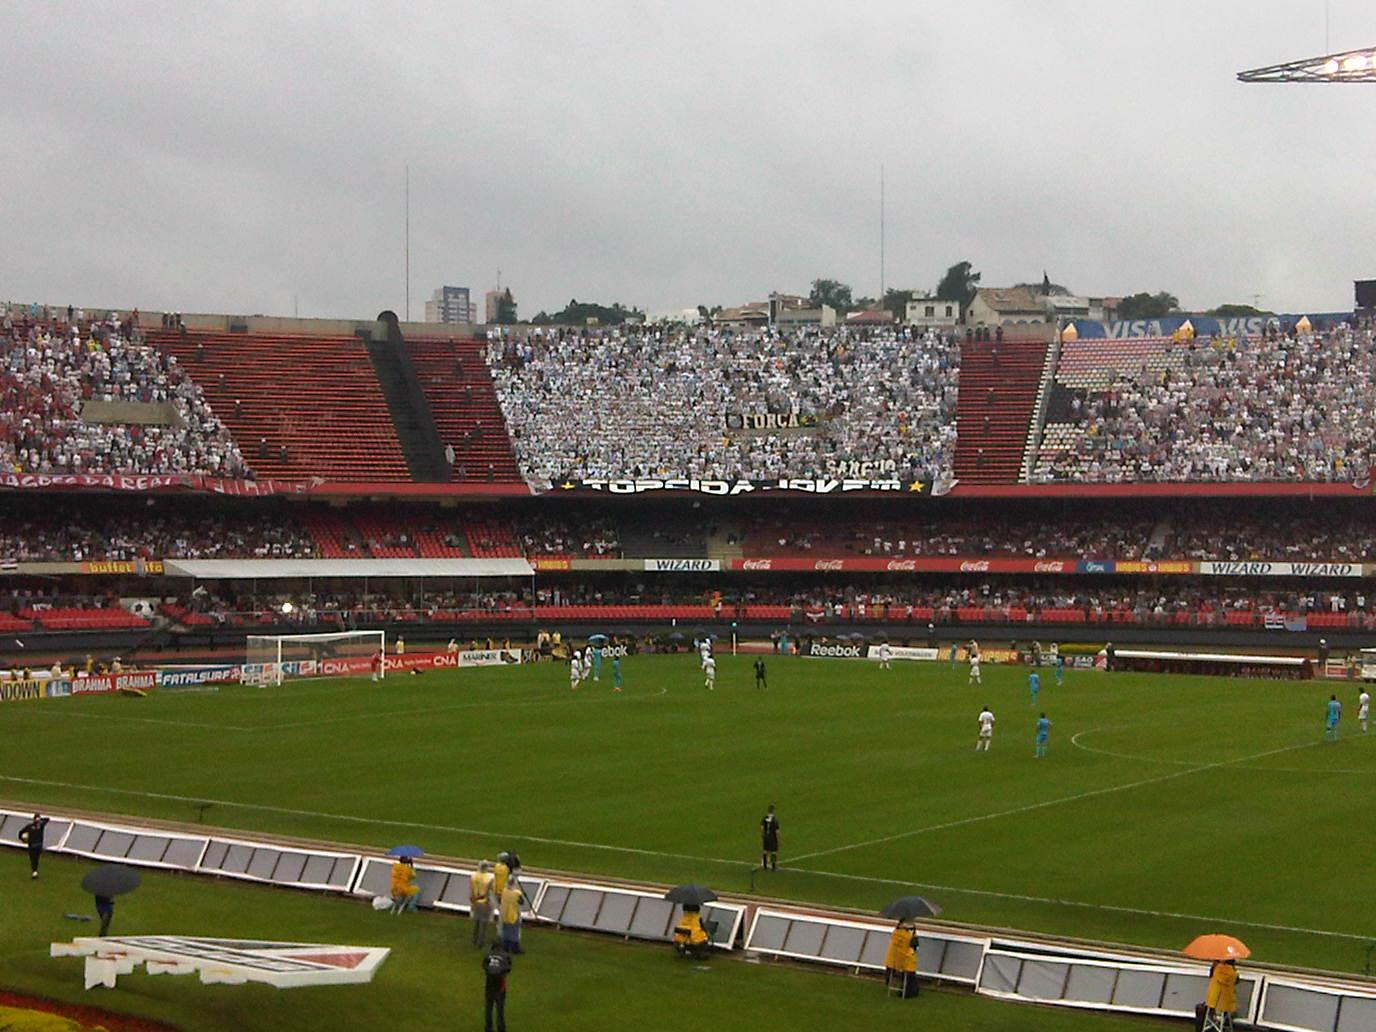 Torcida Jovem do Santos « jogosdosaopaulofc 968819d0a52a0